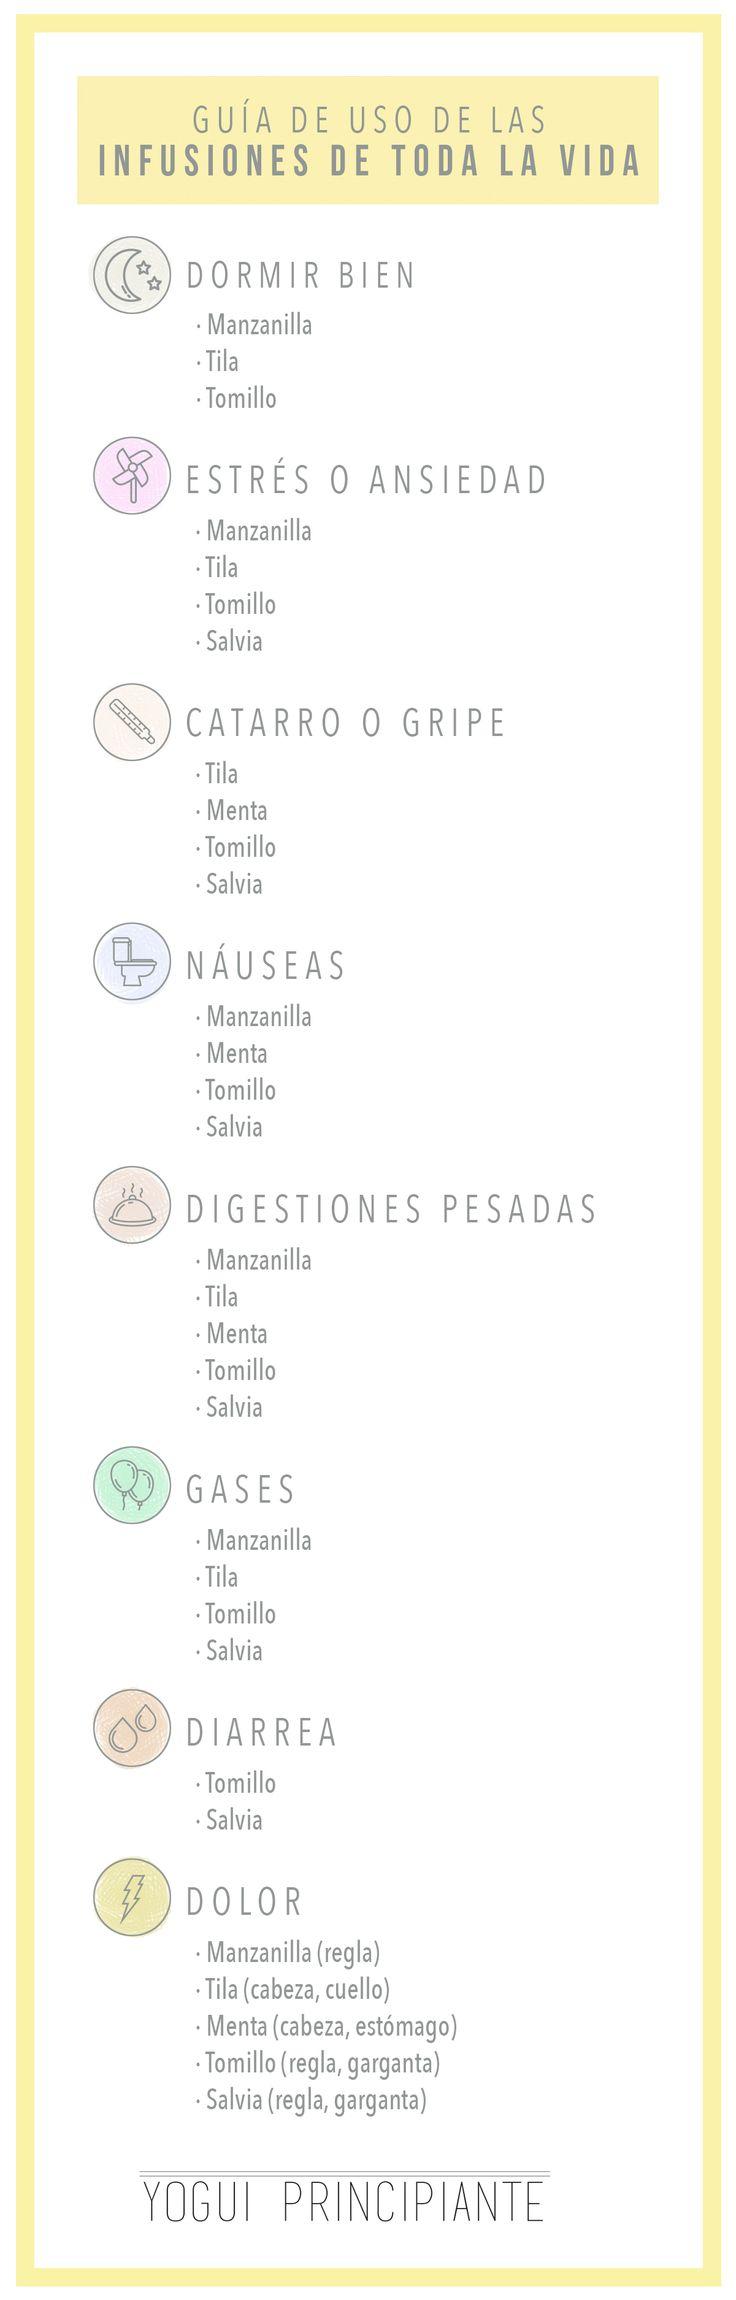 Guía para el uso de infusiones de por vida.   – Remedios